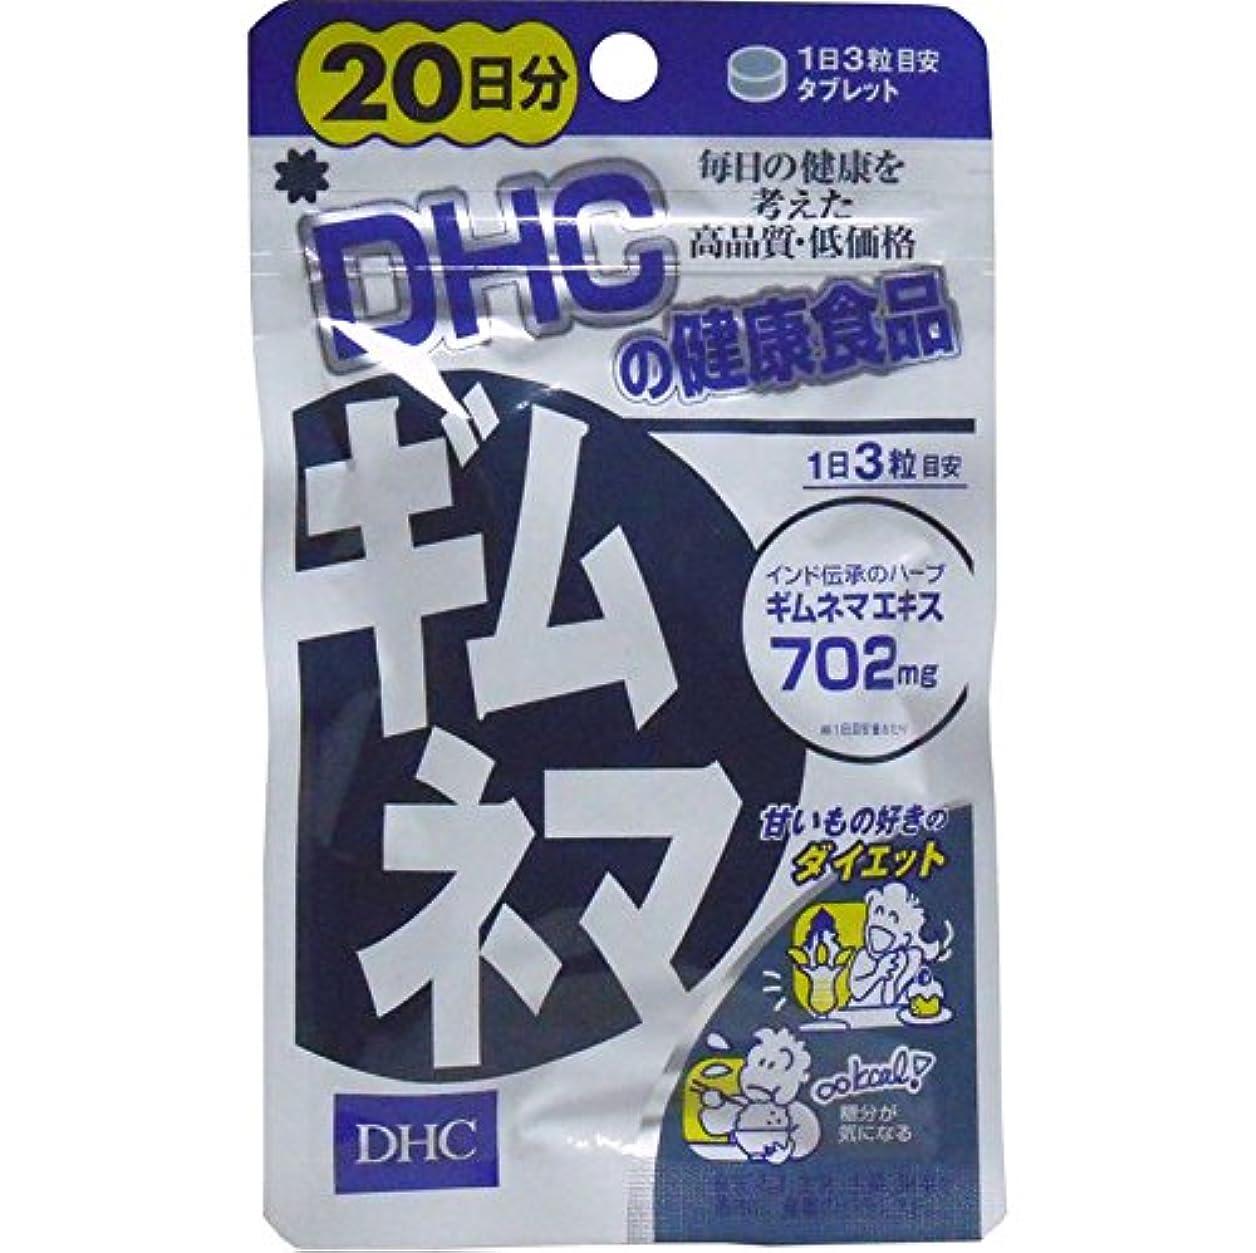 火山卵古くなったダイエット 美容 健康 糖分や炭水化物を多く摂る人に 人気商品 DHC ギムネマ 20日分 60粒【3個セット】